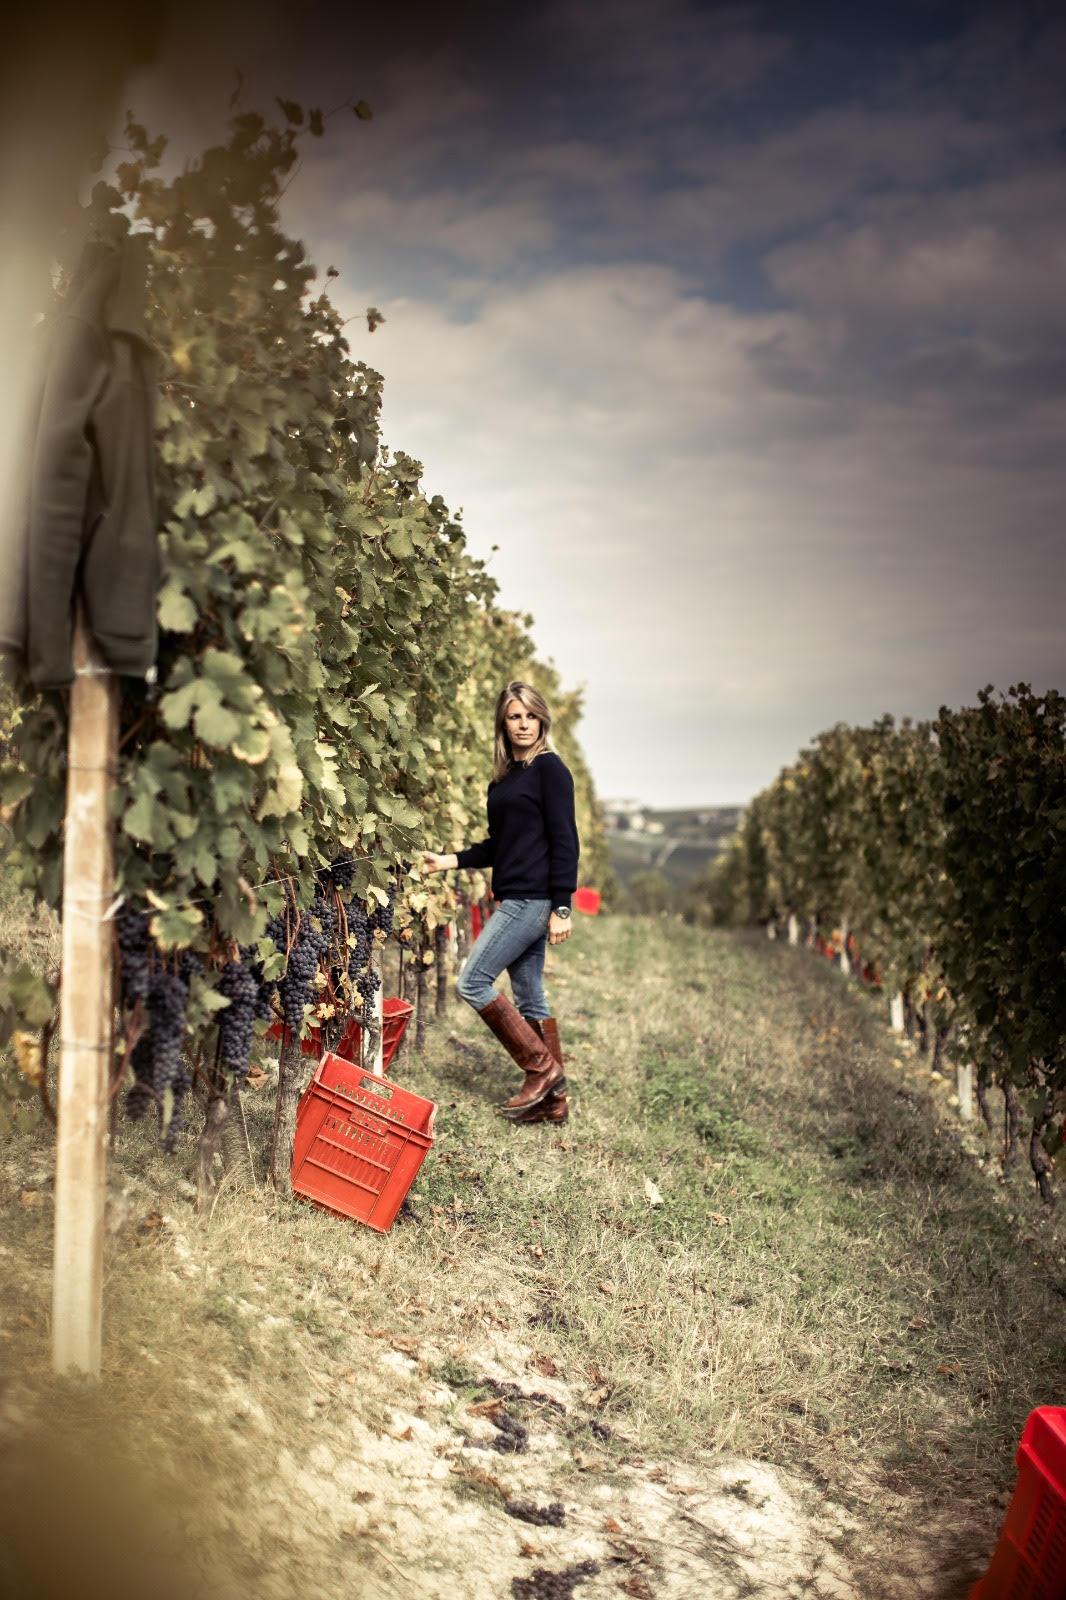 フォリアティ・ワイン(Fogliati Wine)オーナーのアンナリーザ・キアッパさん